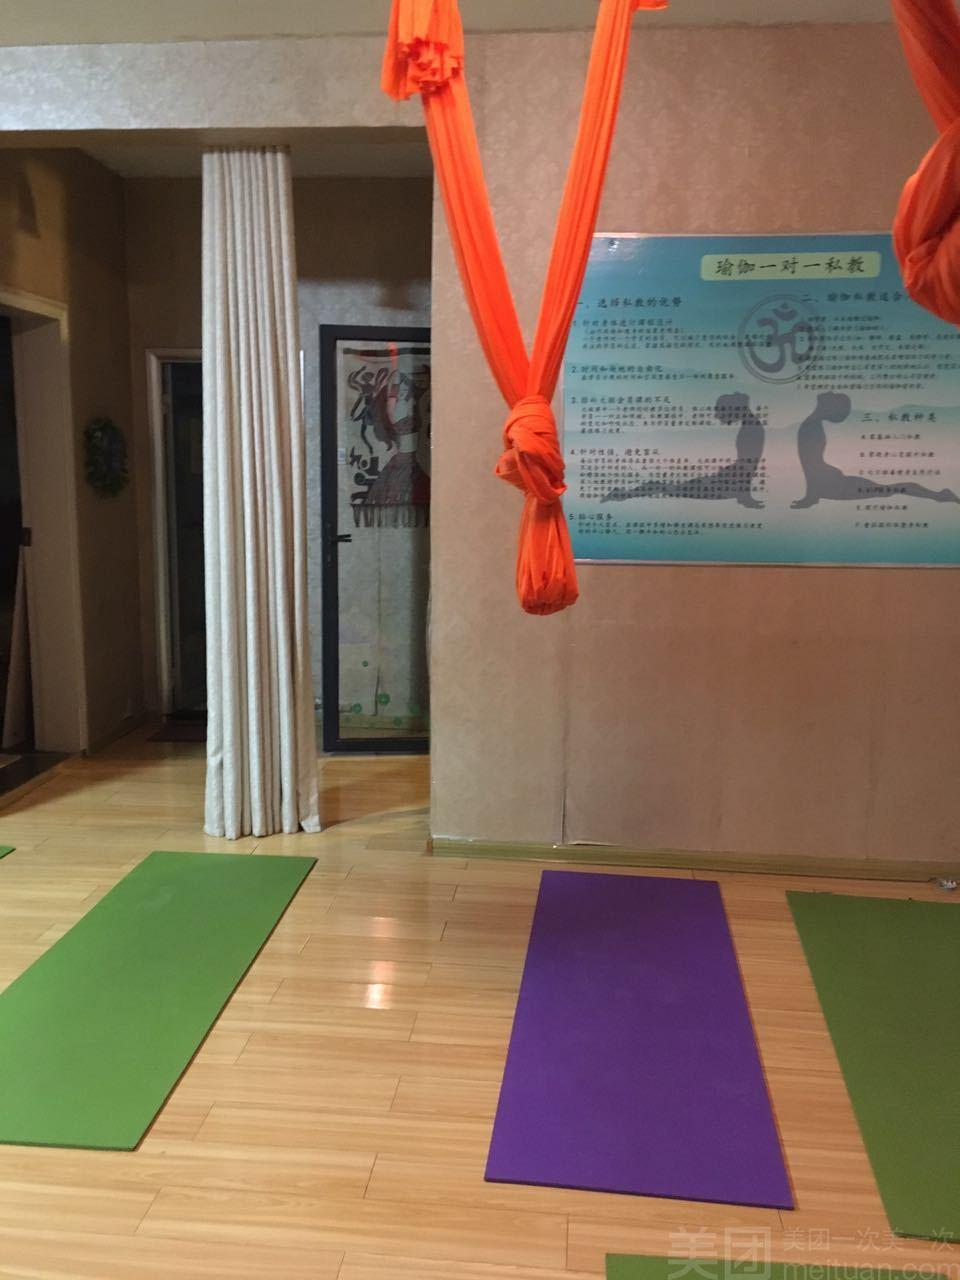 :长沙今日团购:【素瑜伽馆】单人单次瑜伽私教体验课